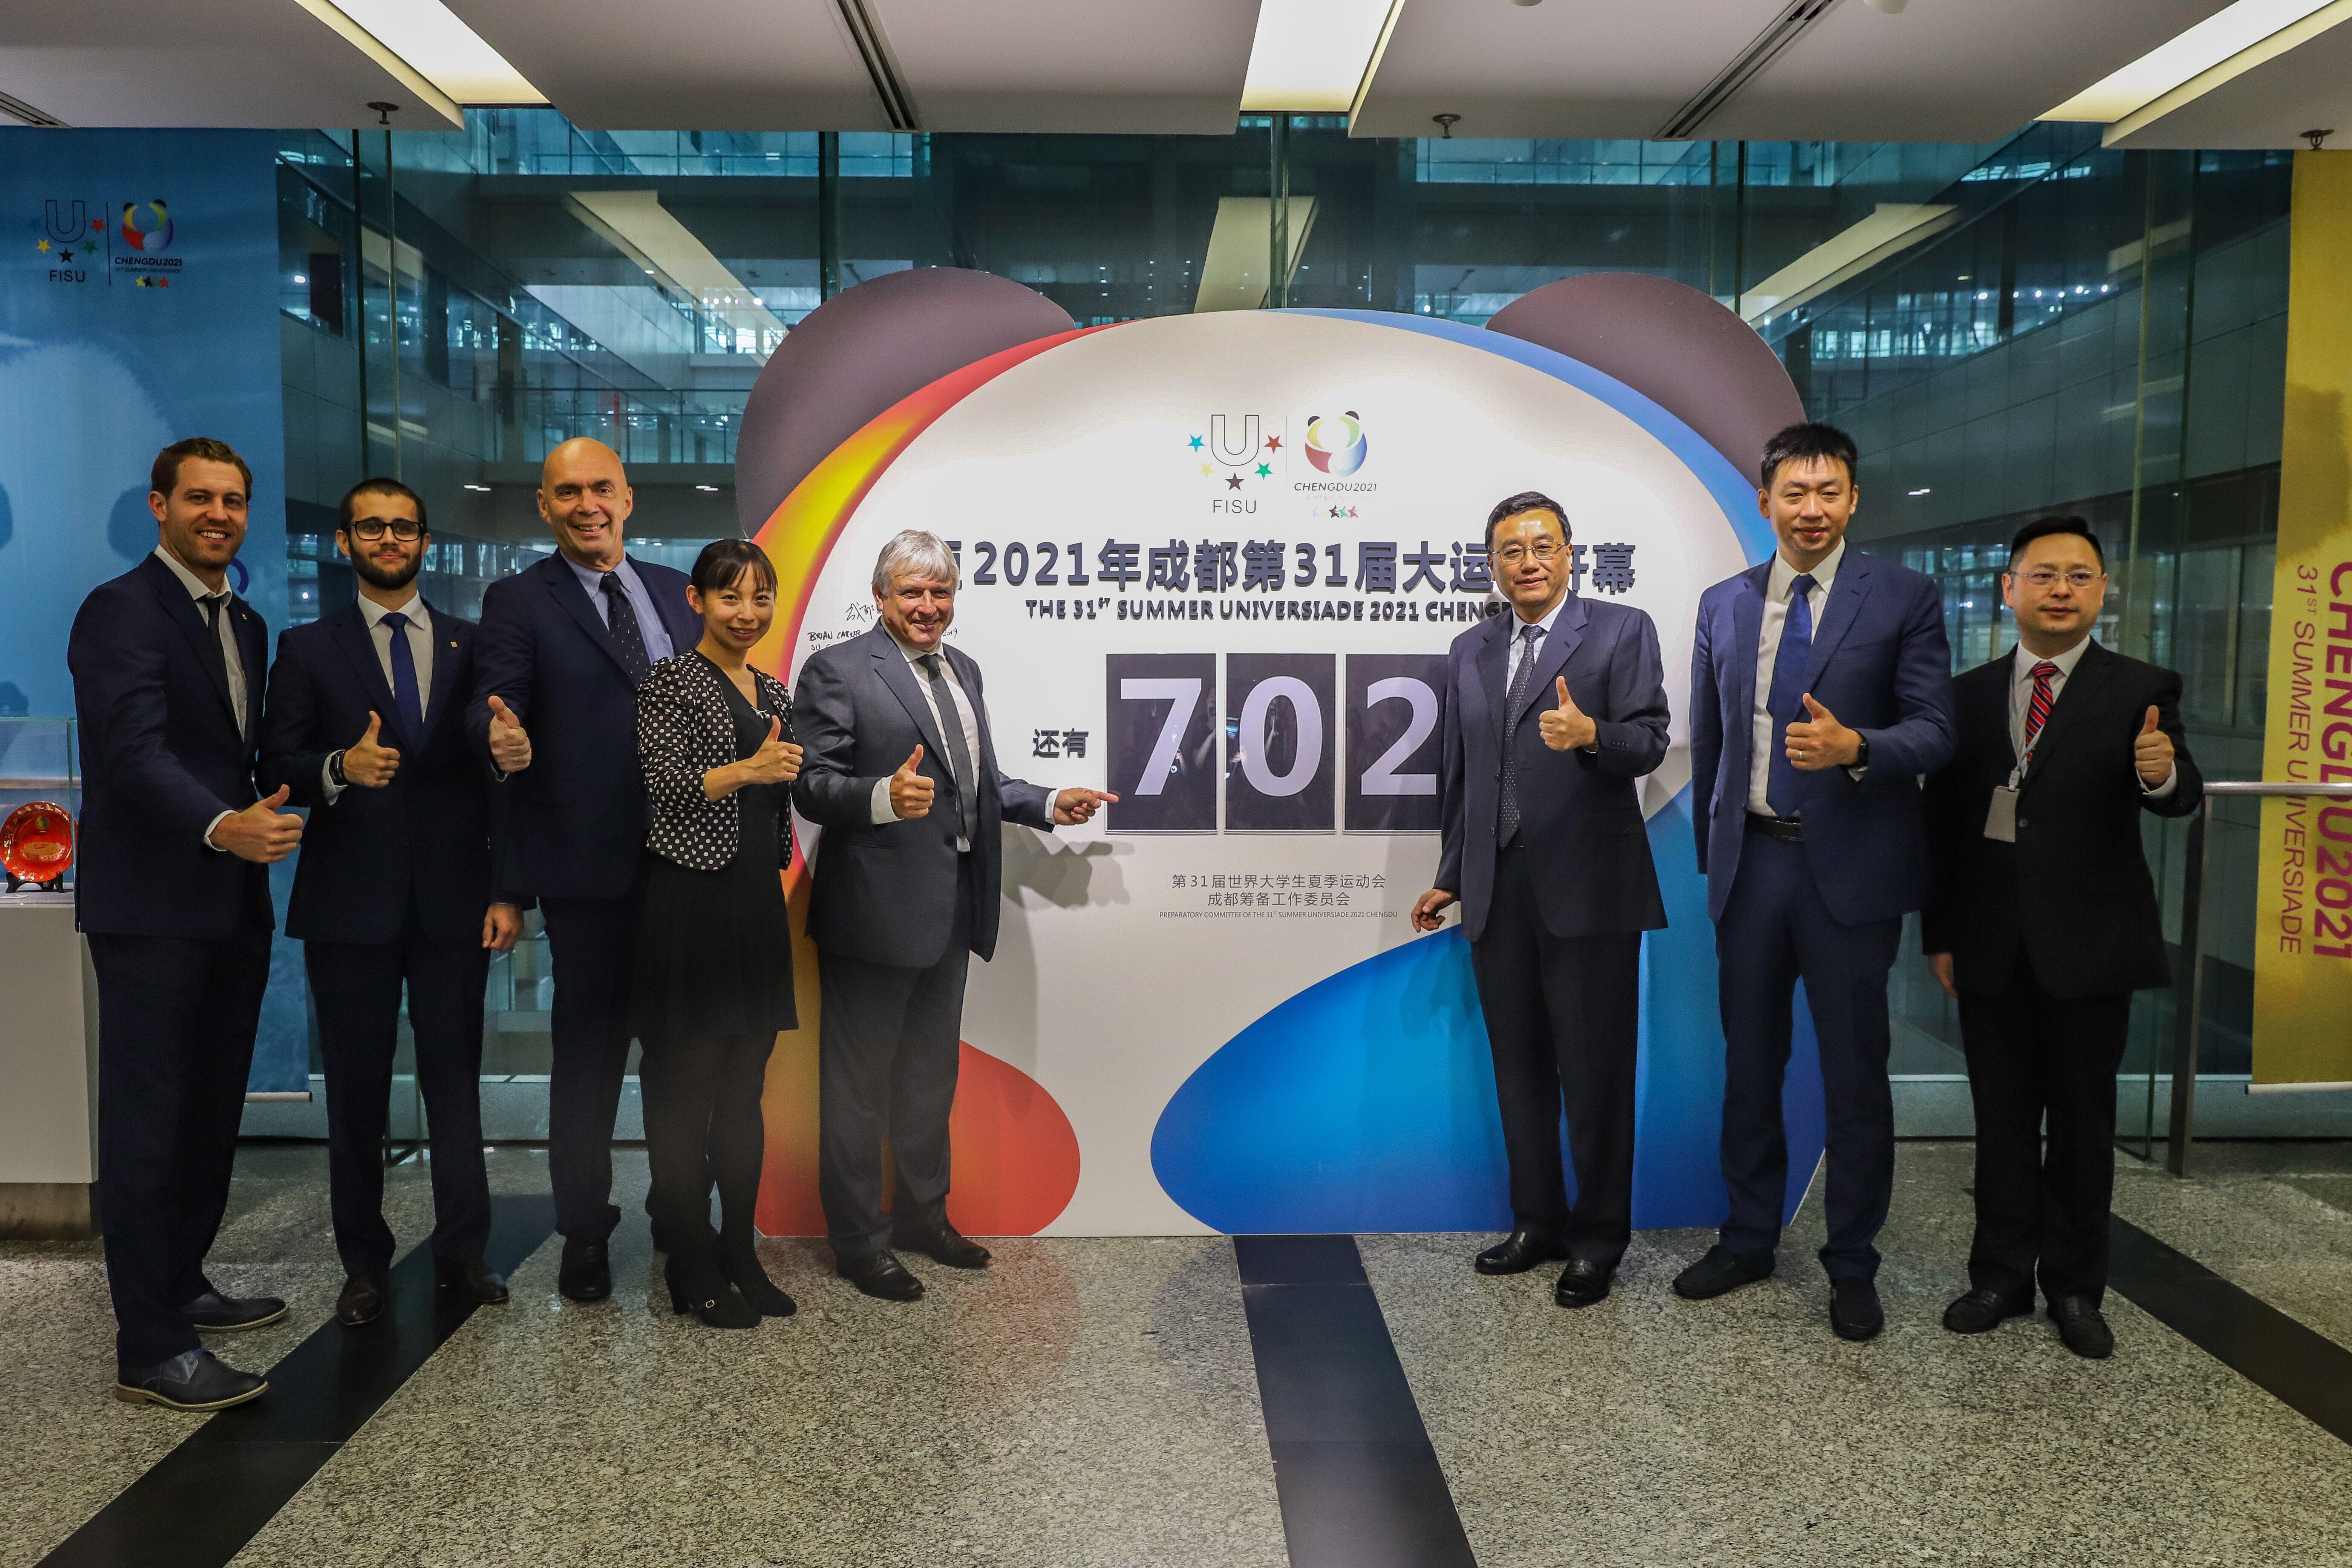 2021年成都大运会前期筹备工作稳步推进 国际大体联代表点赞成都团队